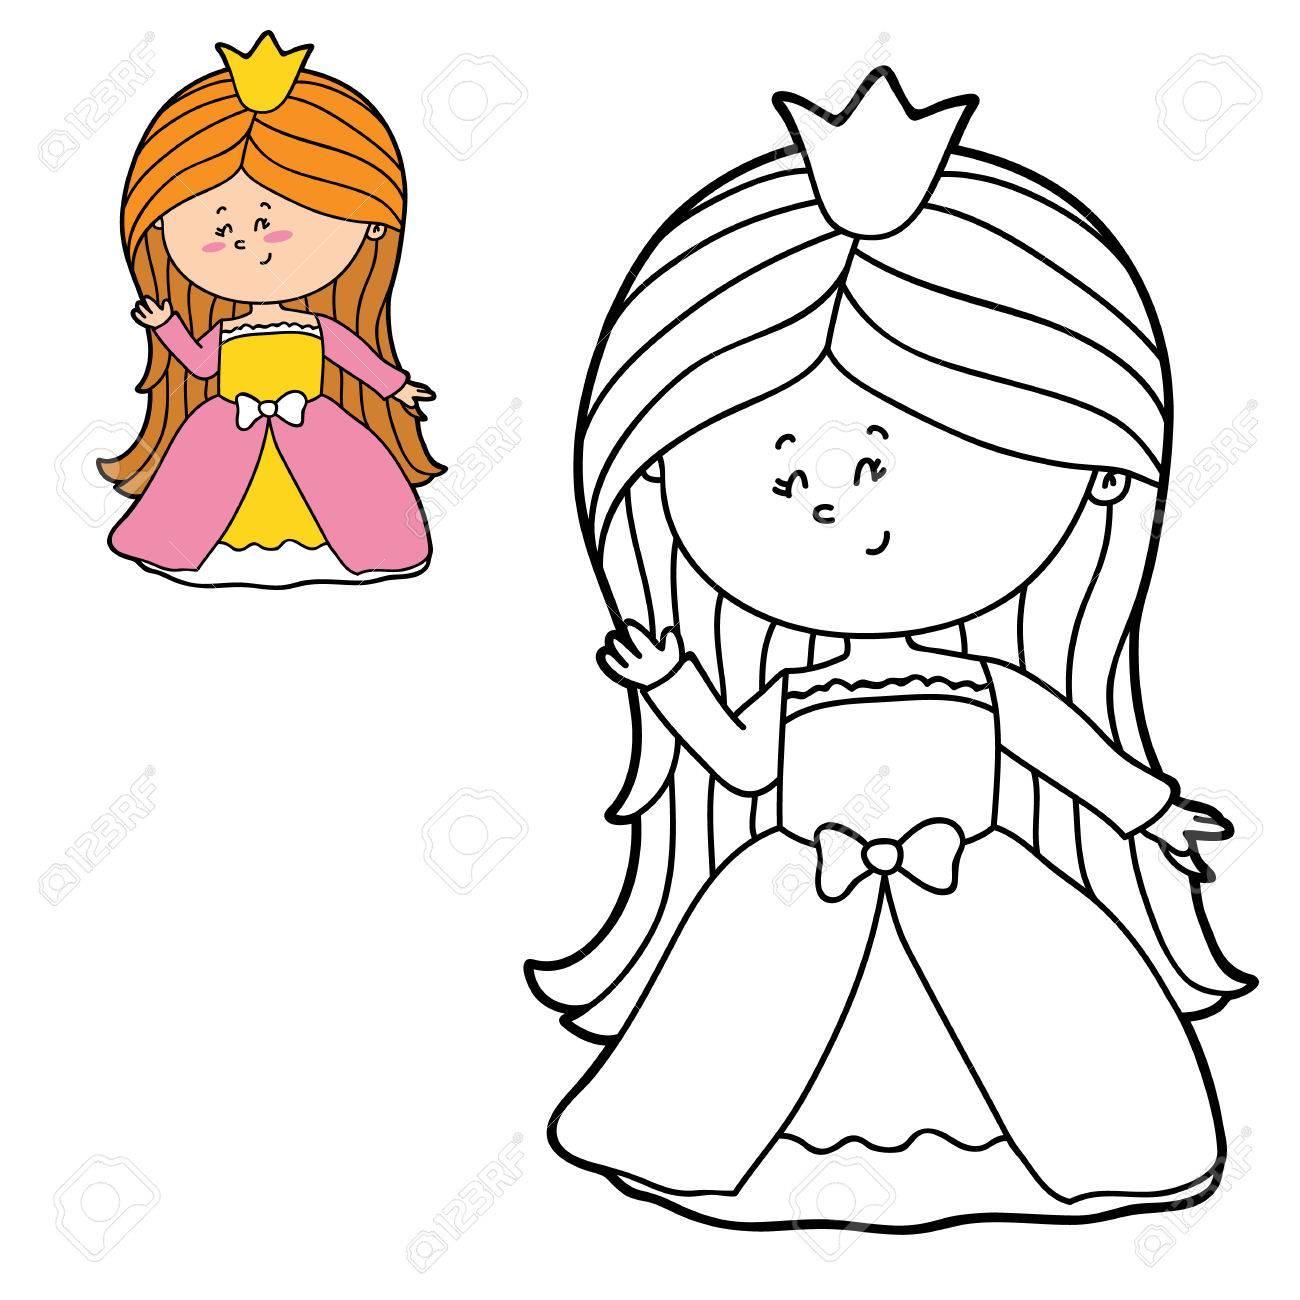 Vector De La Página Para Colorear Ilustración De Una Niña Feliz De Dibujos Animados Para Niños Colorear Y álbum De Recortes